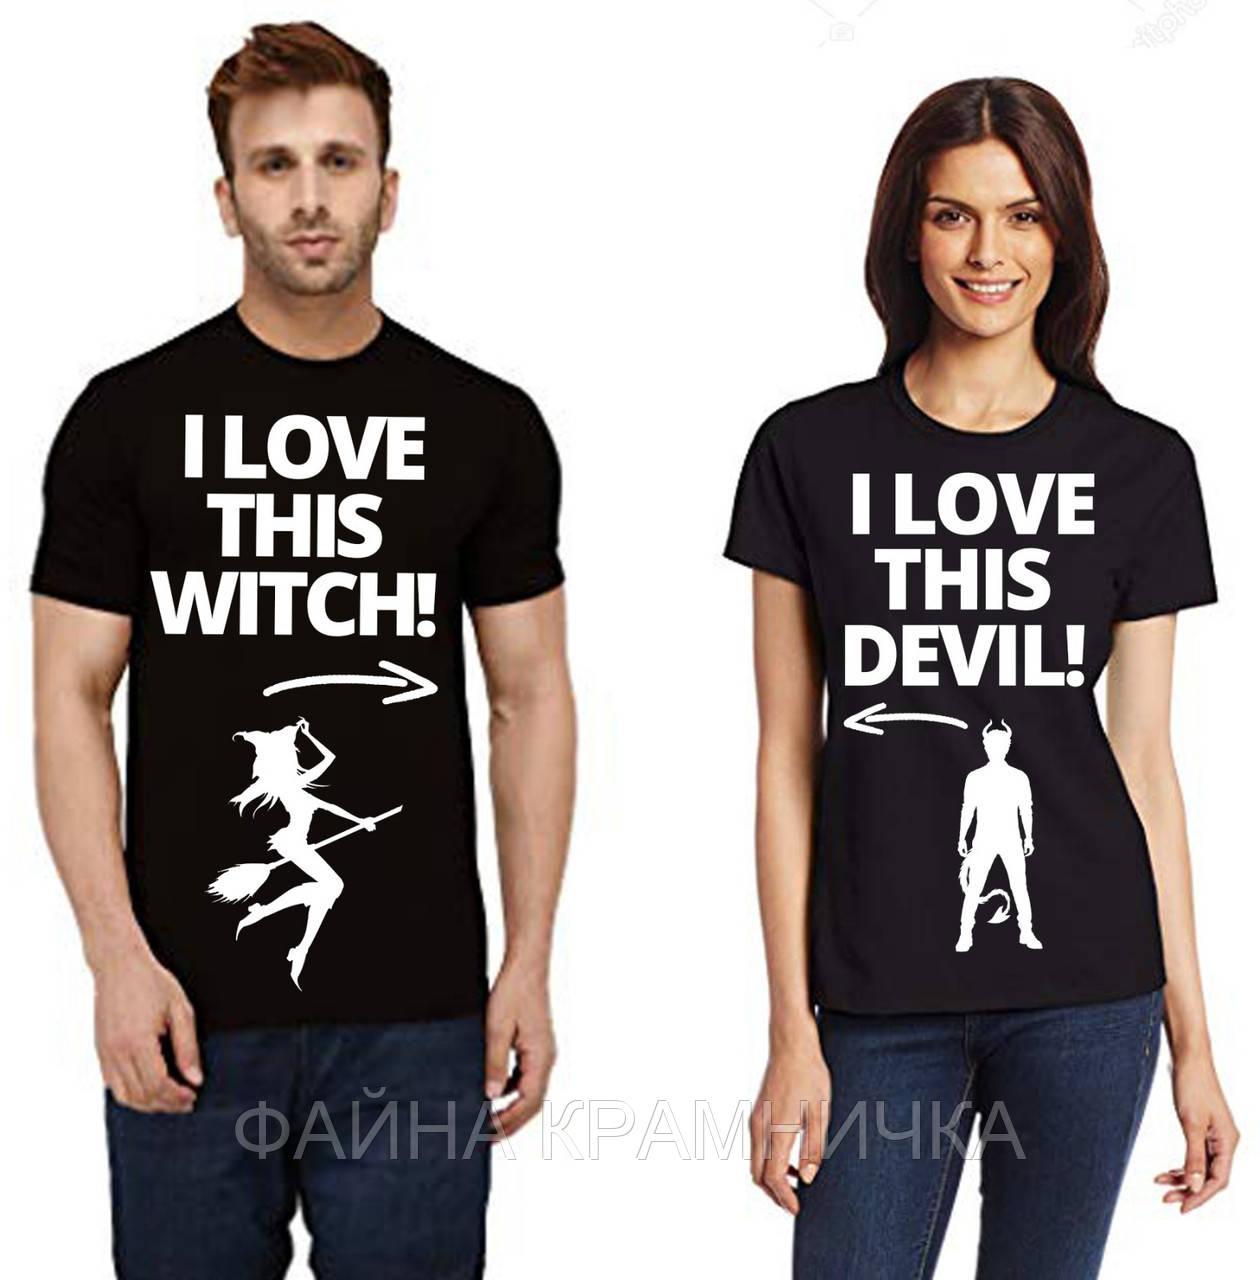 Парні футболки для хлопця та дівчини